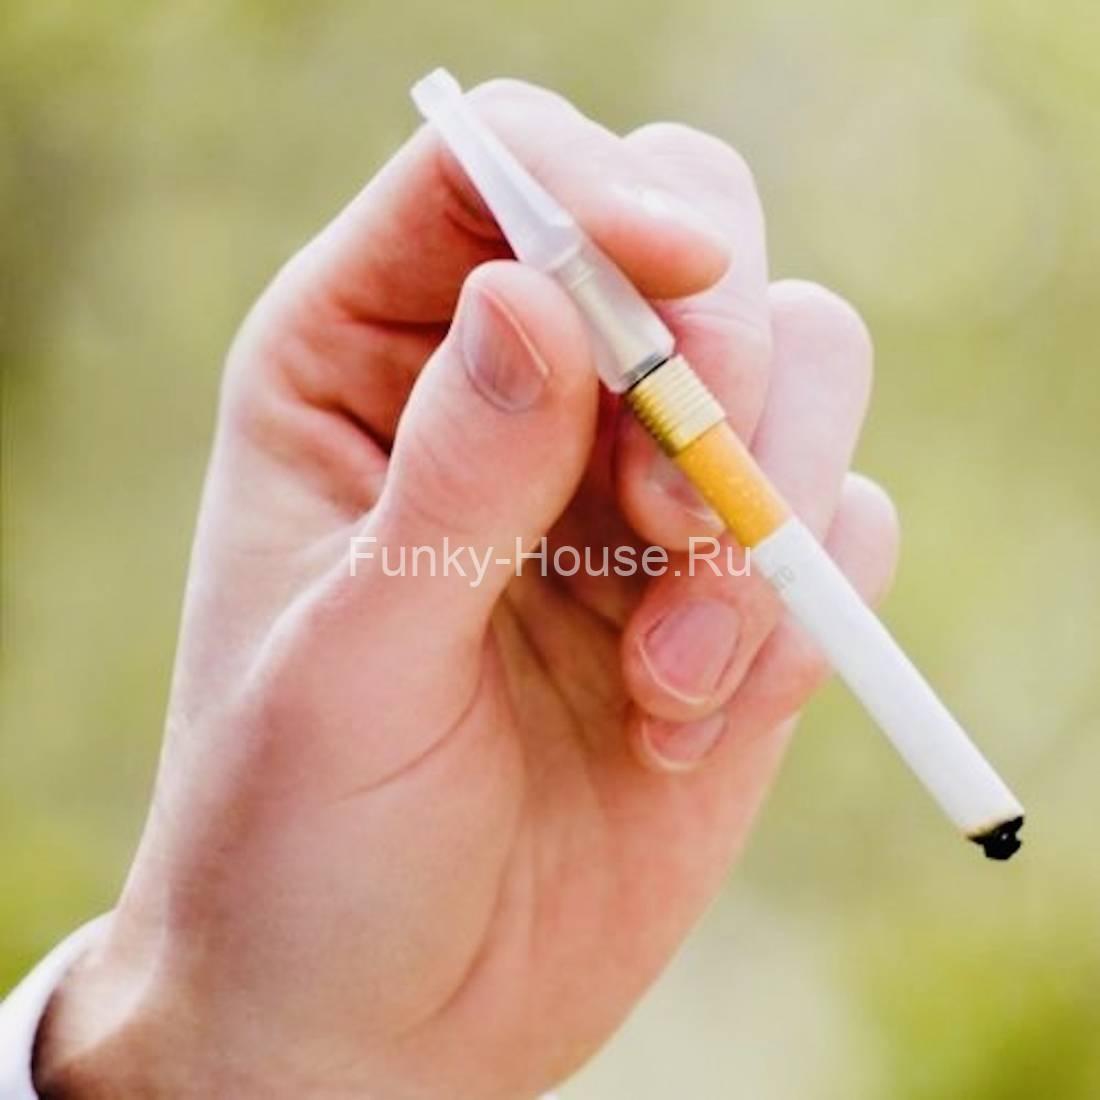 Мундштук сигарет купить спб заказать блок сигарет почтой